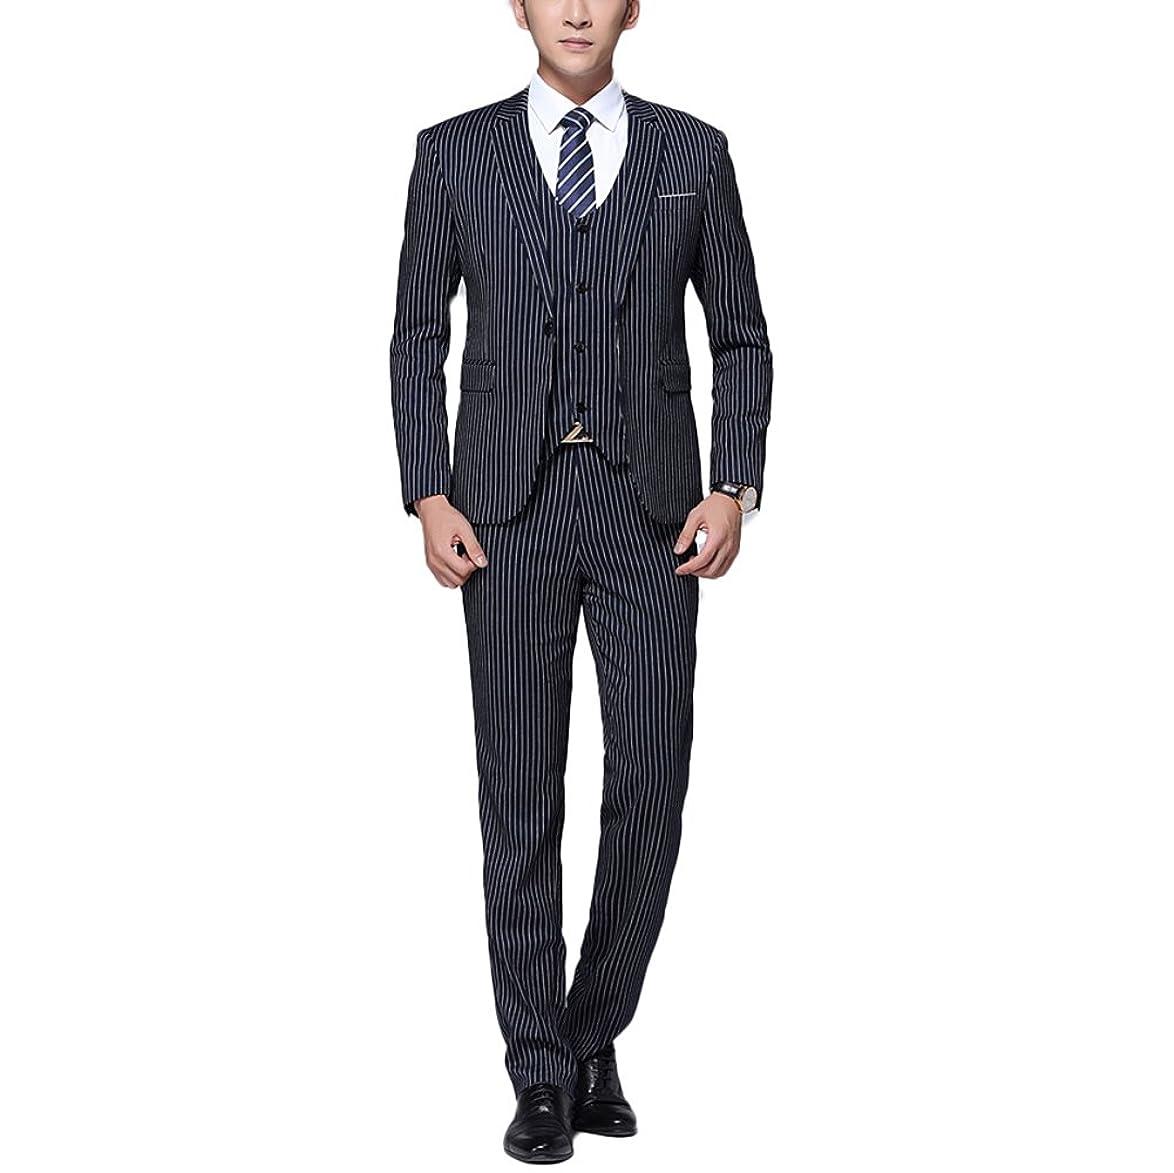 アルプス資格ボアWEEN CHARM スーツメンズ スリーピース スーツ 上下セット 2つボタン 一つボタン ビジネススーツ スリム スーツ カジュアル 着心地良い 礼服 結婚式 就職スーツ オールシーズン シンプルデザイン 無地 パーティー スーツ